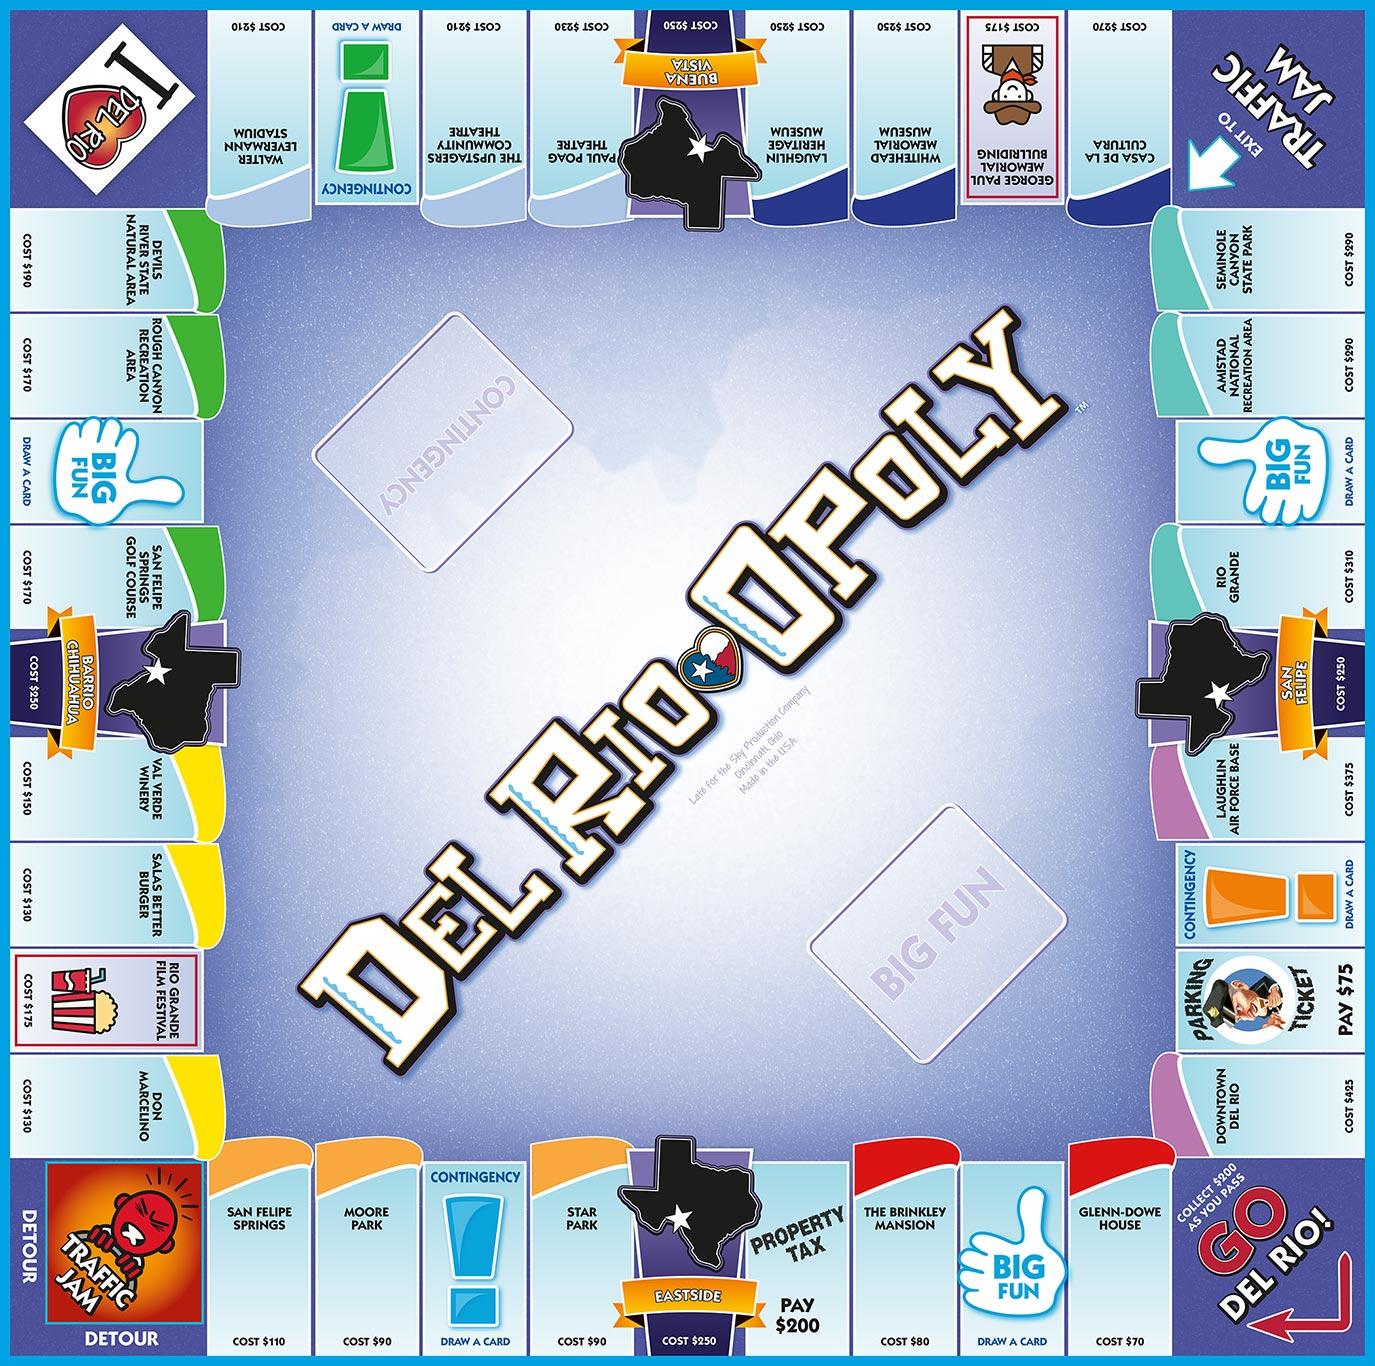 DEL RIO-OPOLY Board Game